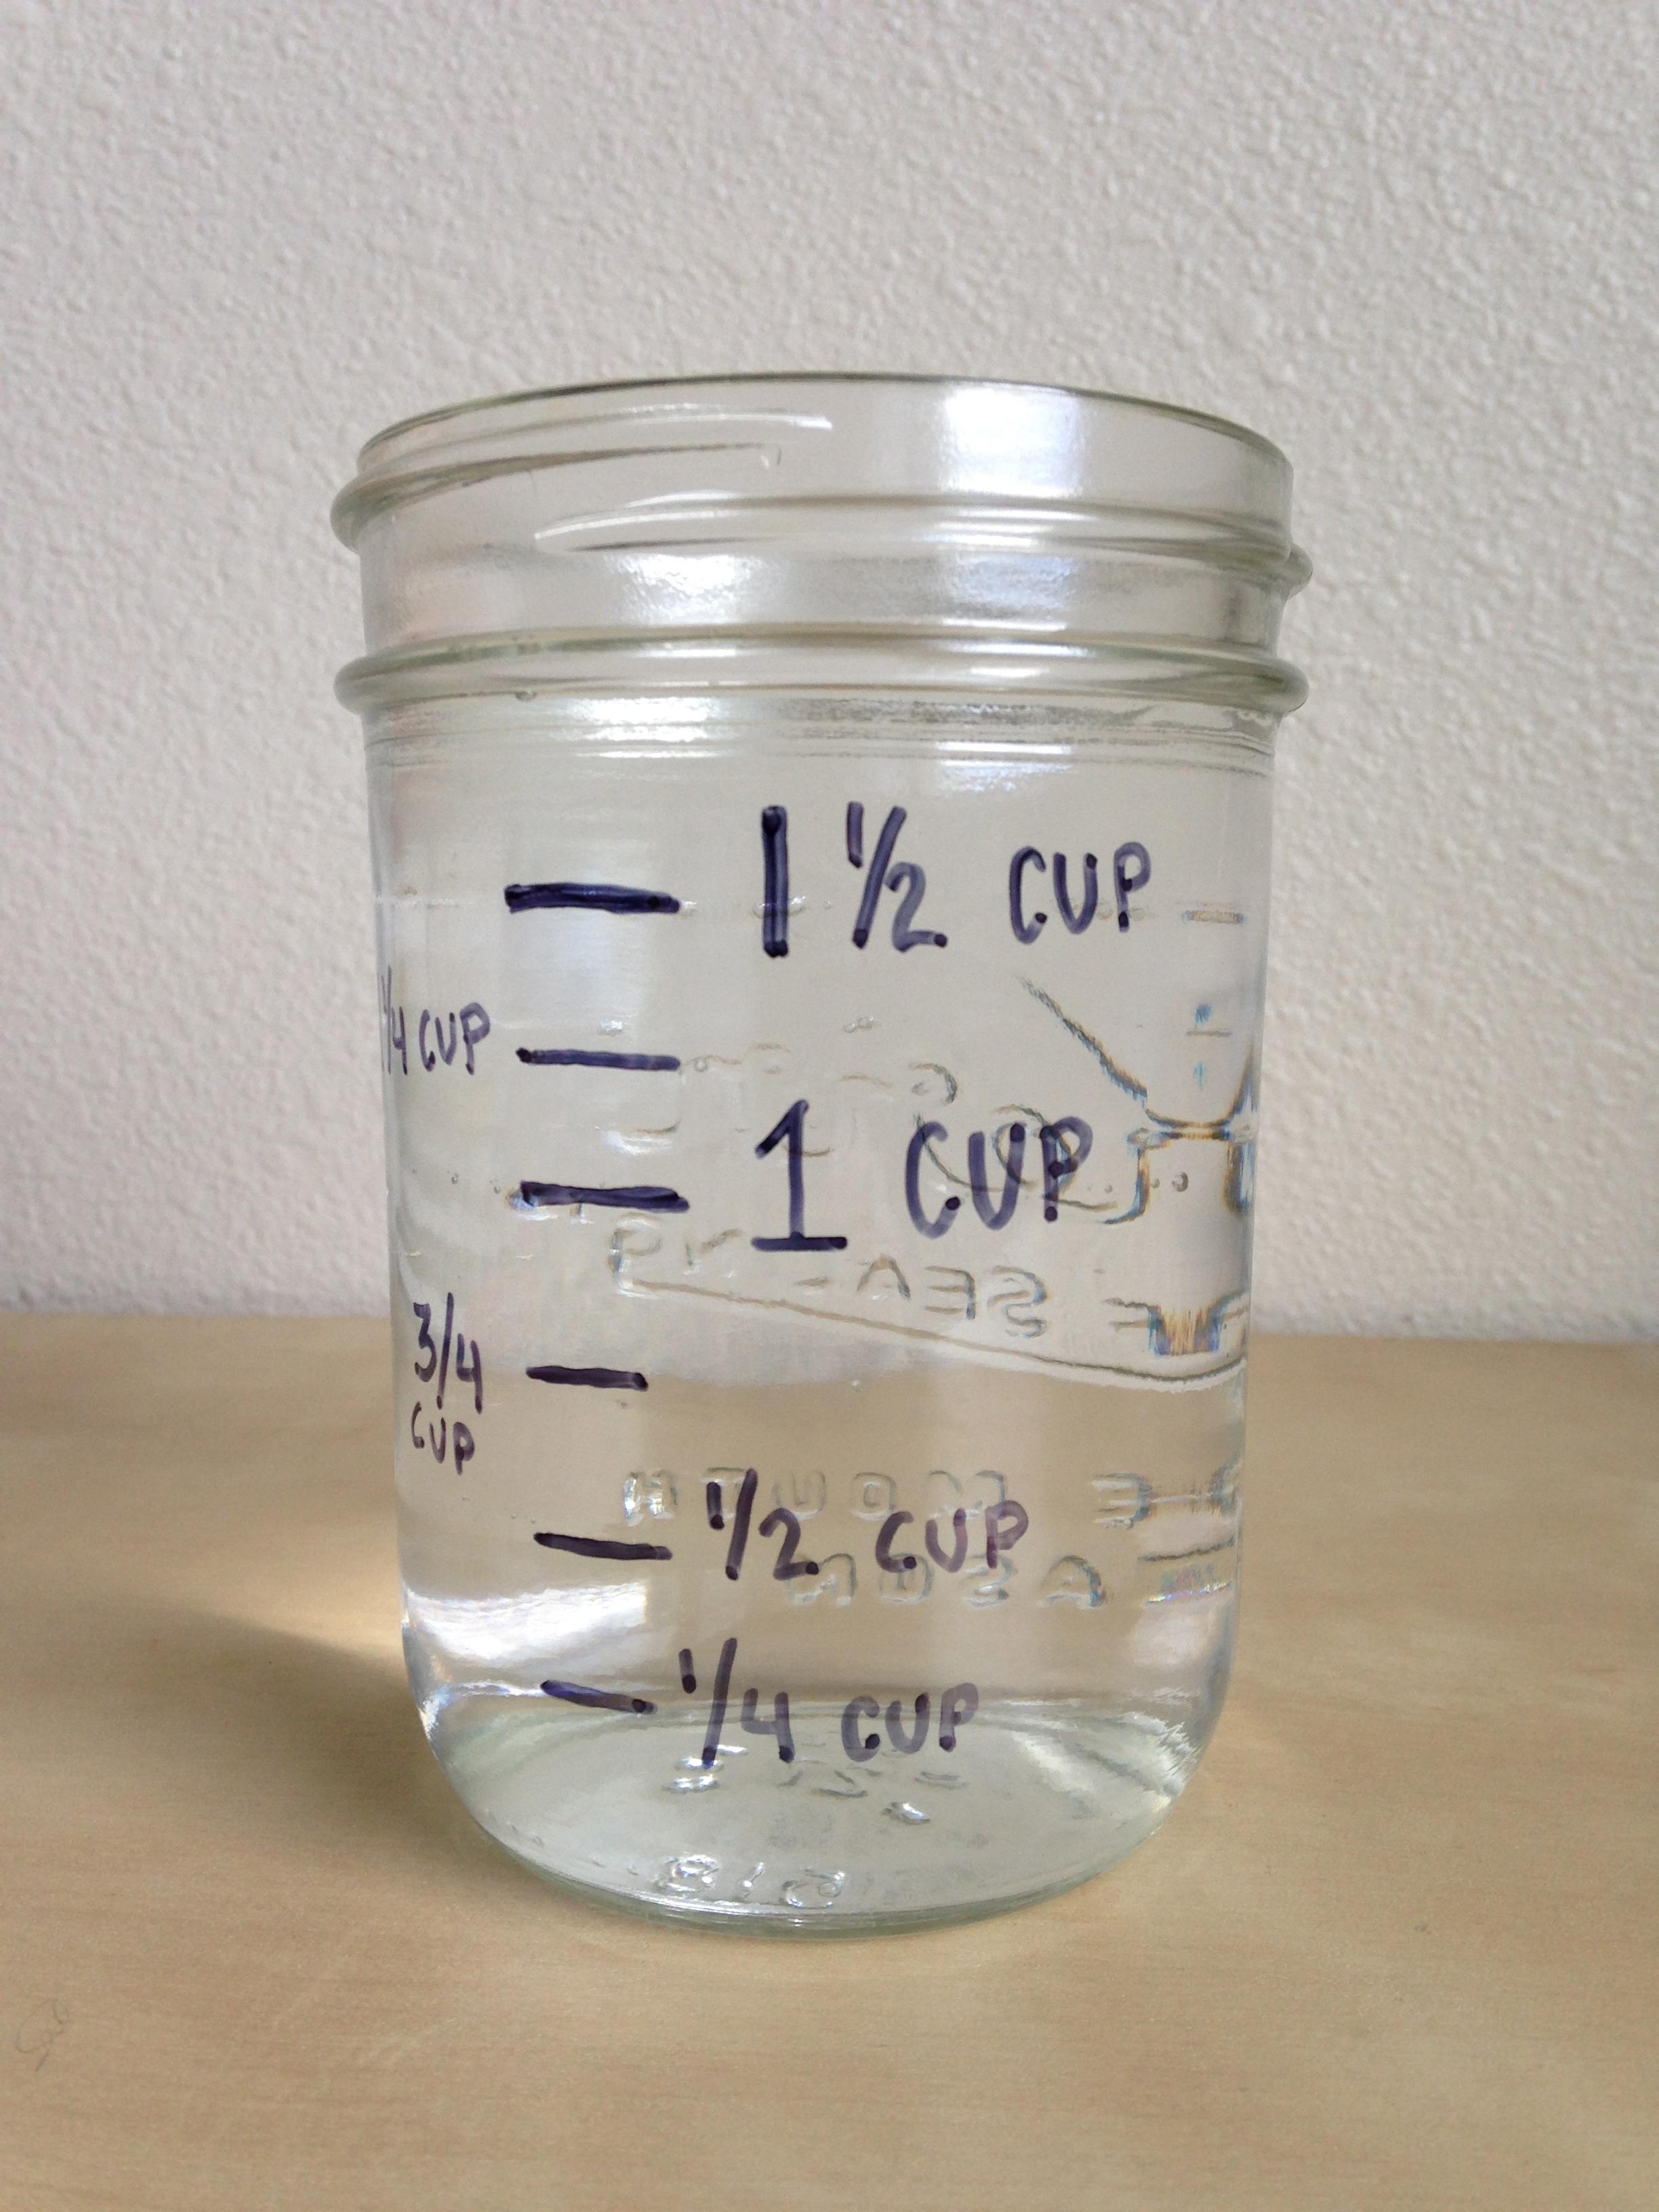 jar-with-measurements.jpg